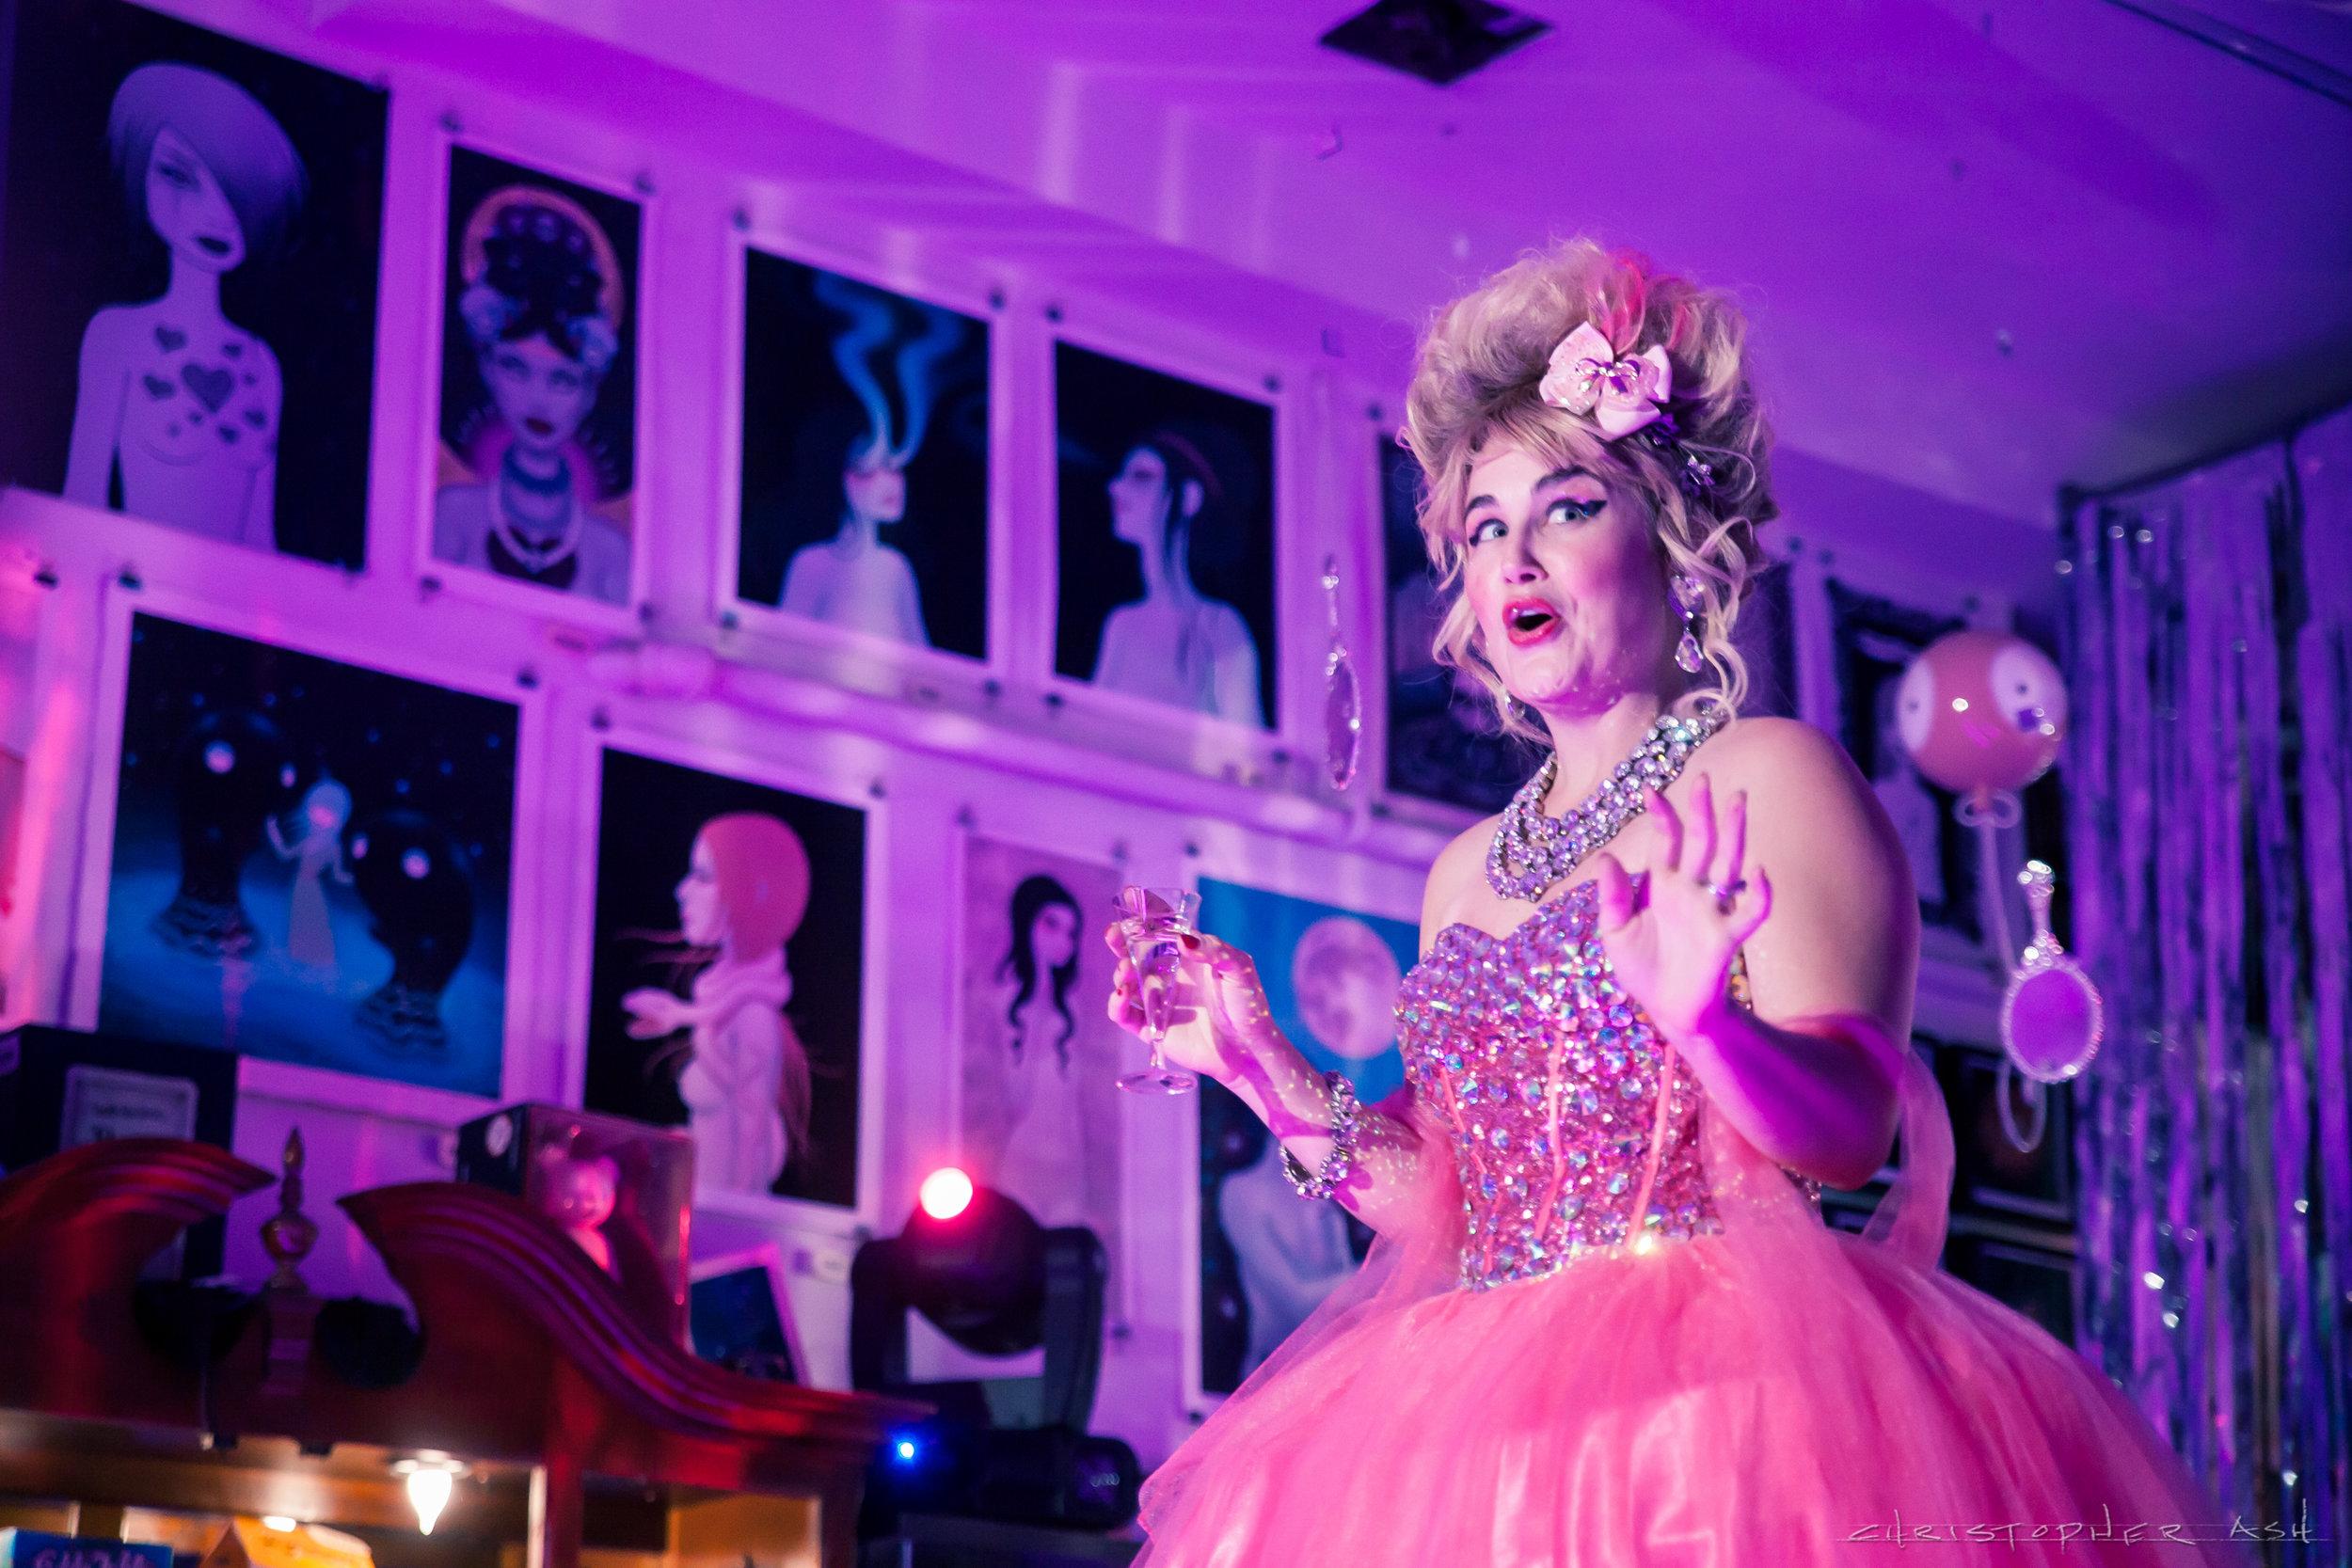 Tony Nominee Lauren Worsham in Miss Handel